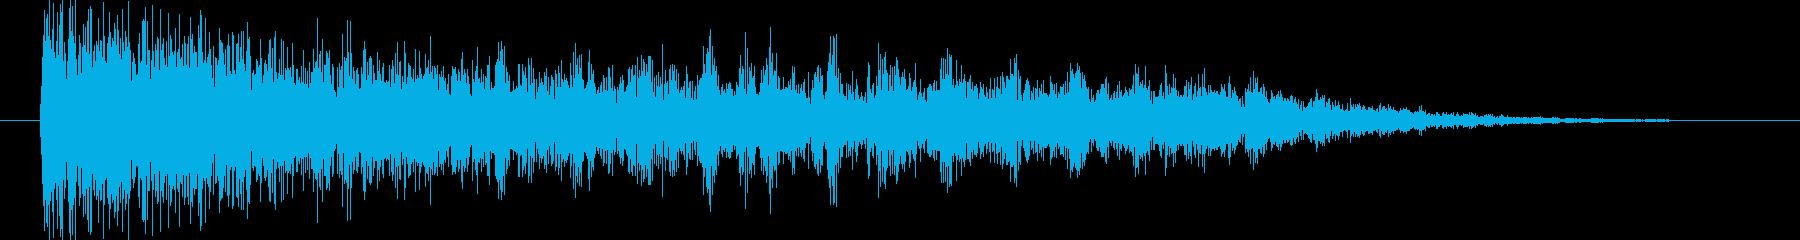 ガーン!!!の再生済みの波形